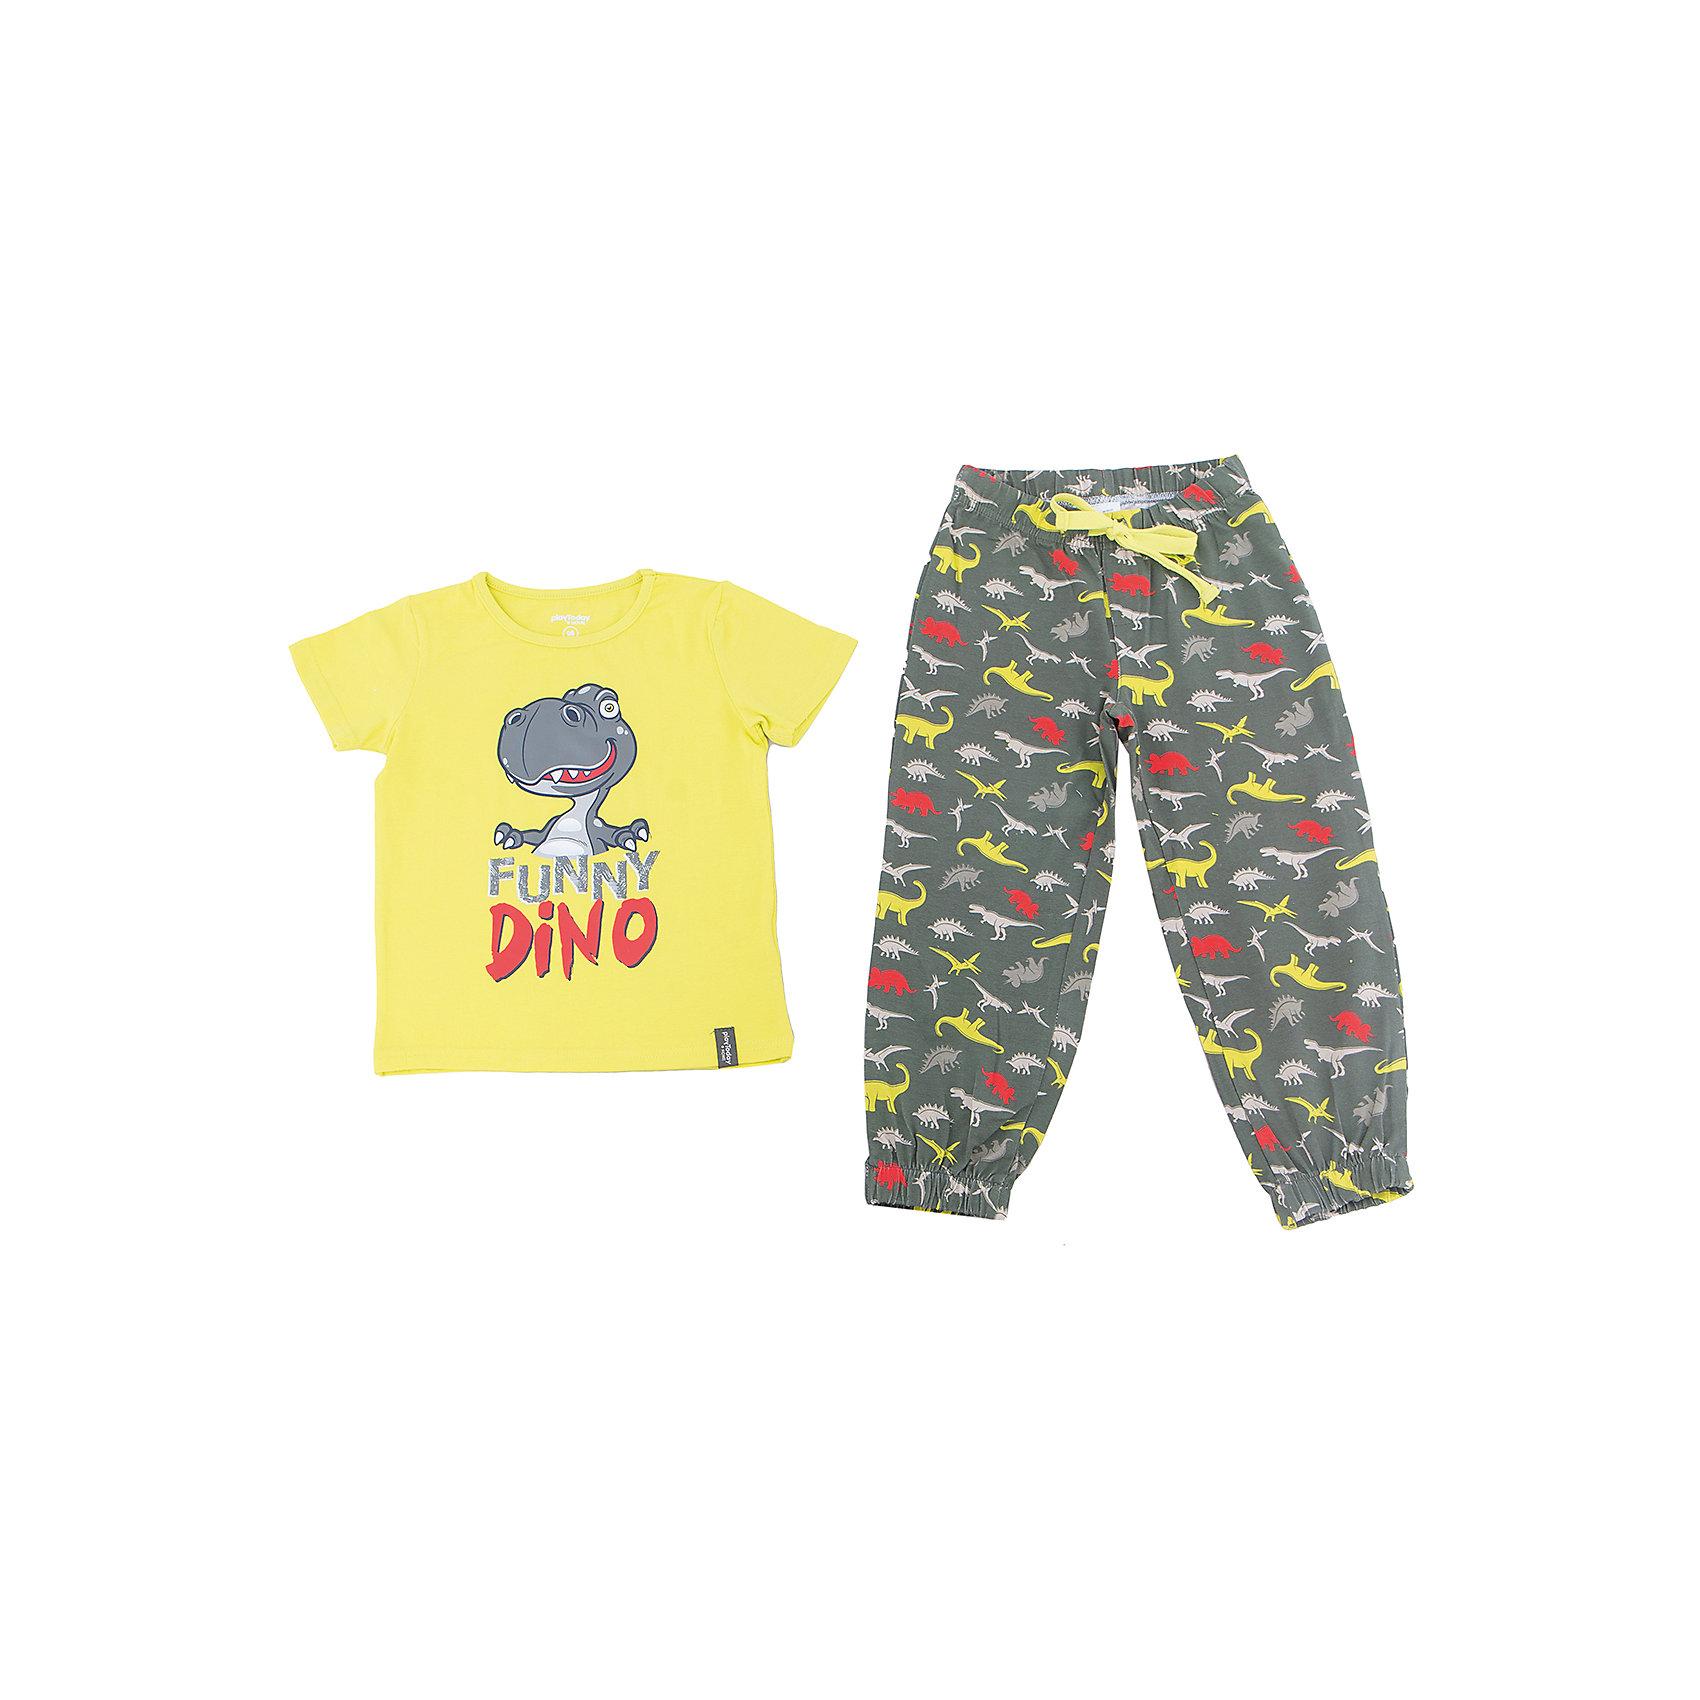 Комплект для мальчика PlayTodayКомплект для мальчика PlayToday<br>Комплект из футболки и брюк прекрасно подойдет для домашнего использования. Мягкий, приятный к телу, материал не сковывает движений. Яркий стильный  принт является достойным украшением данного изделия. Брюки на мягкой удобной резинке на поясе и на штанинах, с регулируемым шнуром - кулиской на поясе.Преимущества: Свободный классический крой не сковывает движения ребенкаПодходит в качестве базовой вещи для повседневного гардеробаЯркий стильный  принт<br>Состав:<br>95% хлопок, 5% эластан<br><br>Ширина мм: 199<br>Глубина мм: 10<br>Высота мм: 161<br>Вес г: 151<br>Цвет: разноцветный<br>Возраст от месяцев: 84<br>Возраст до месяцев: 96<br>Пол: Мужской<br>Возраст: Детский<br>Размер: 128,98,104,110,116,122<br>SKU: 5404756